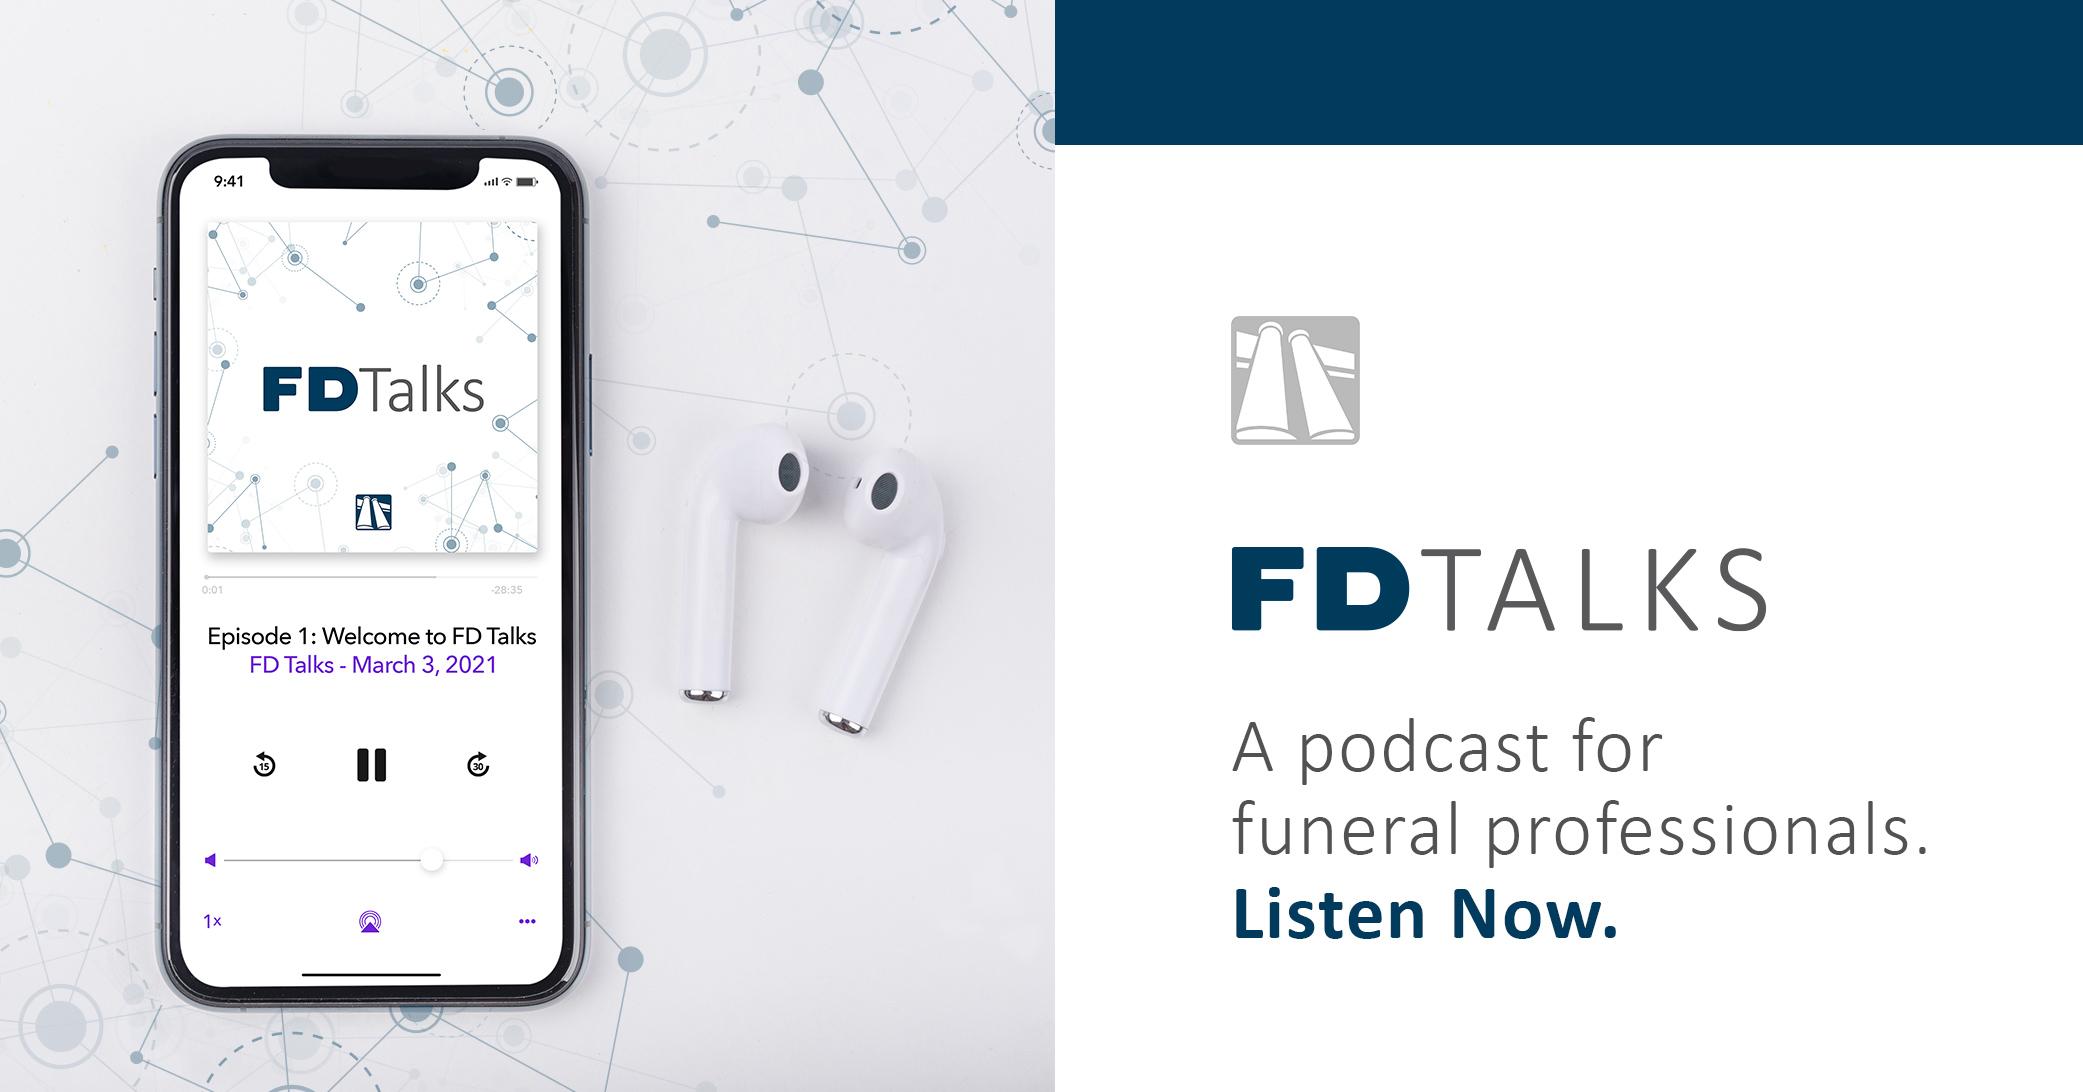 fd talks podcast